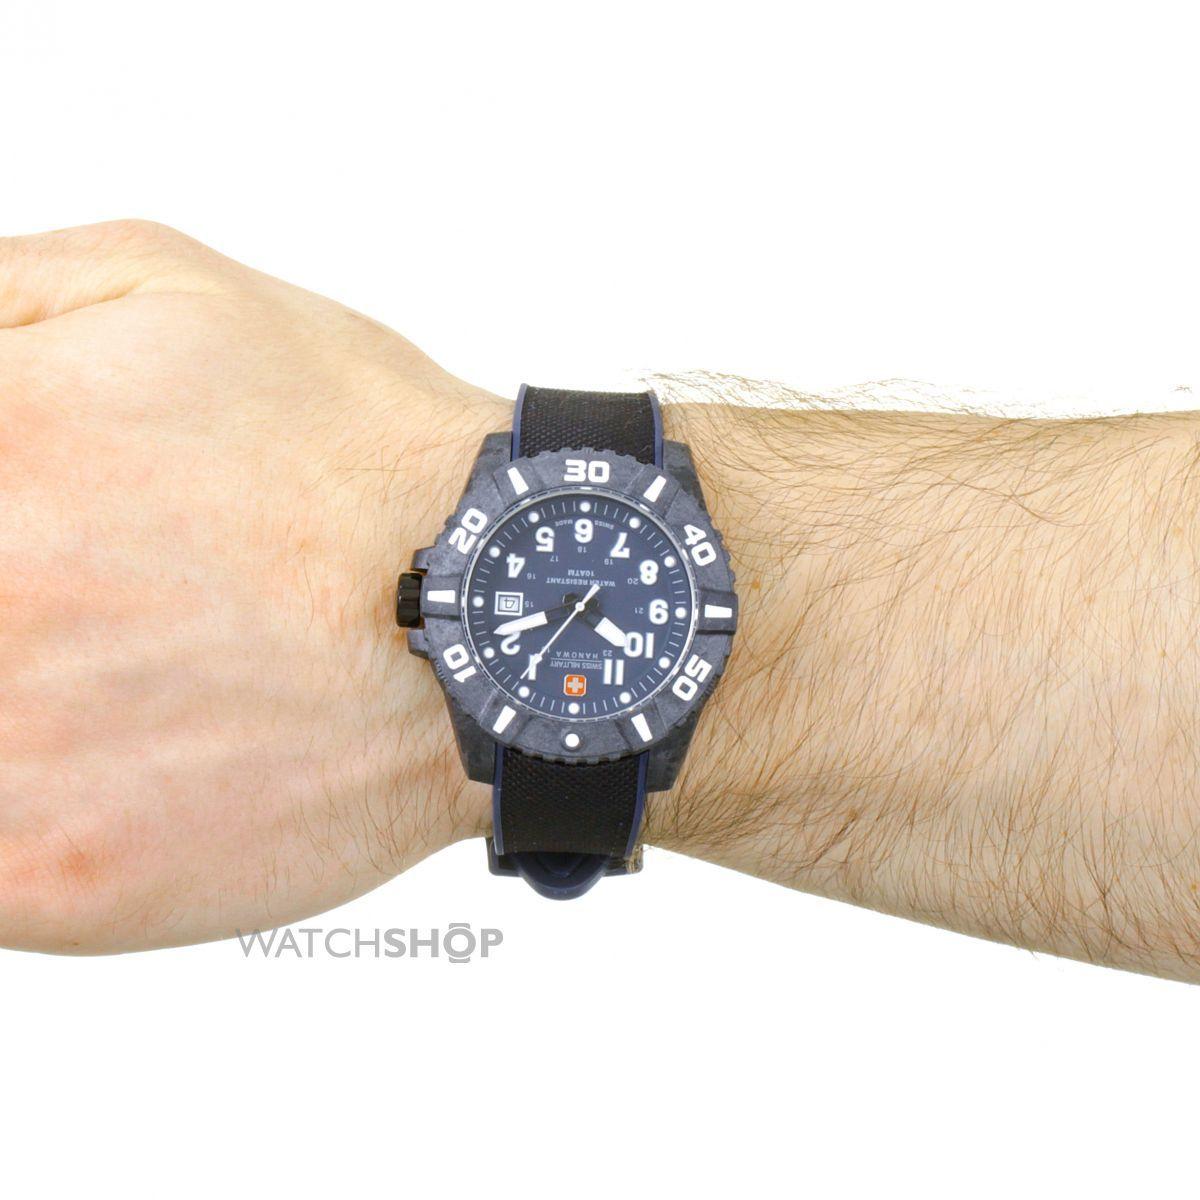 Швейцарские часы Swiss Military Hanowa 06-4309.17.003- купить по ... 84fbc56f46f0c